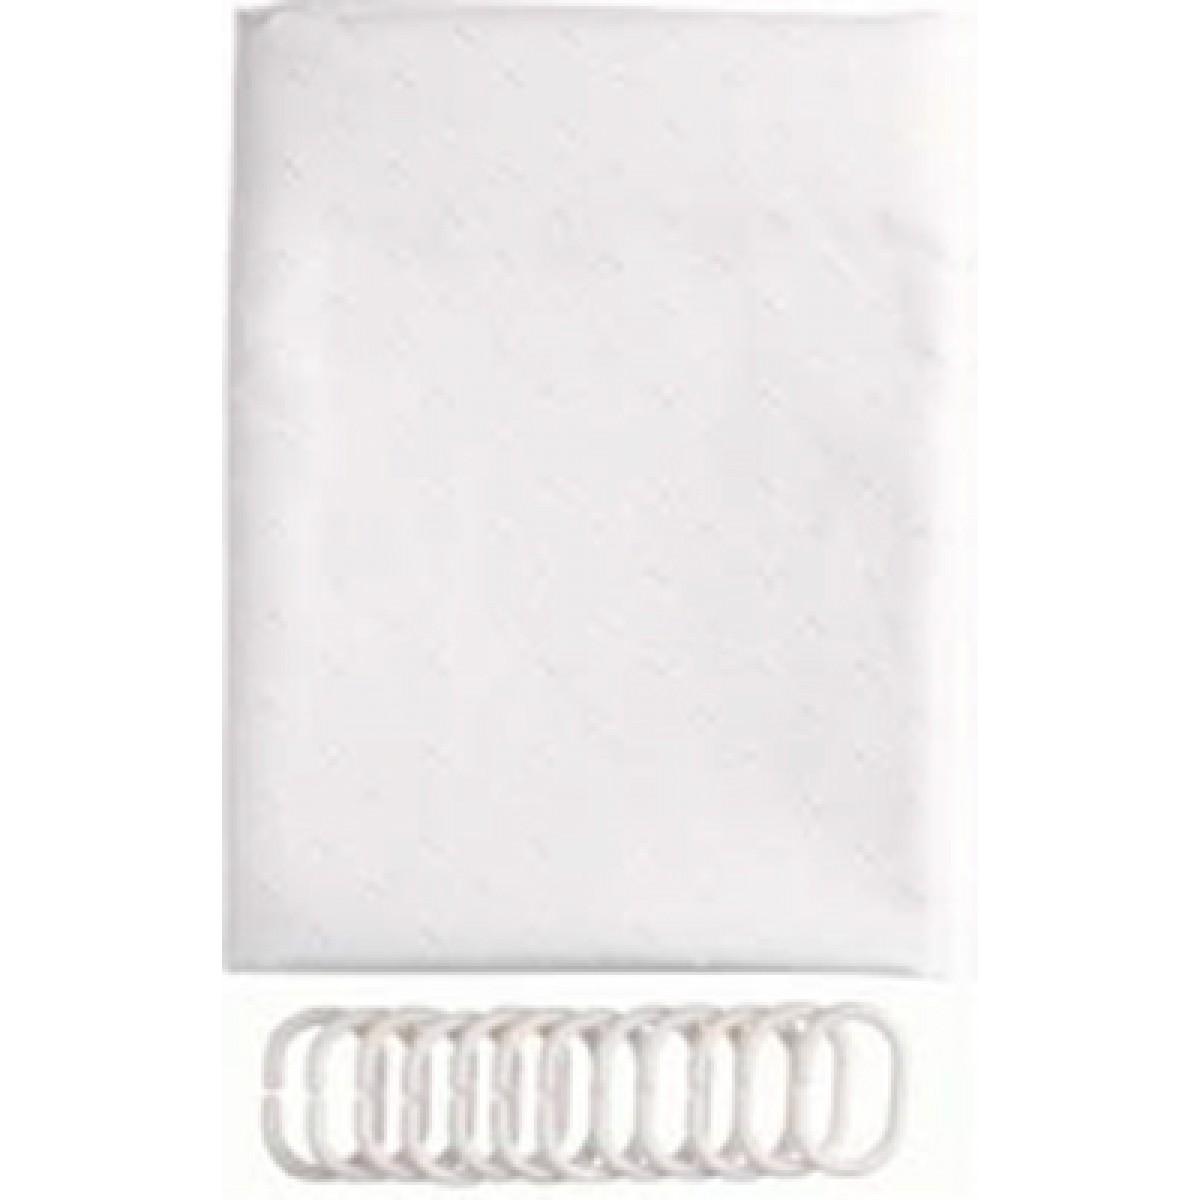 CONZEPT Badeforhæng hvid 180 x 200 cm. tekstil m. ringe